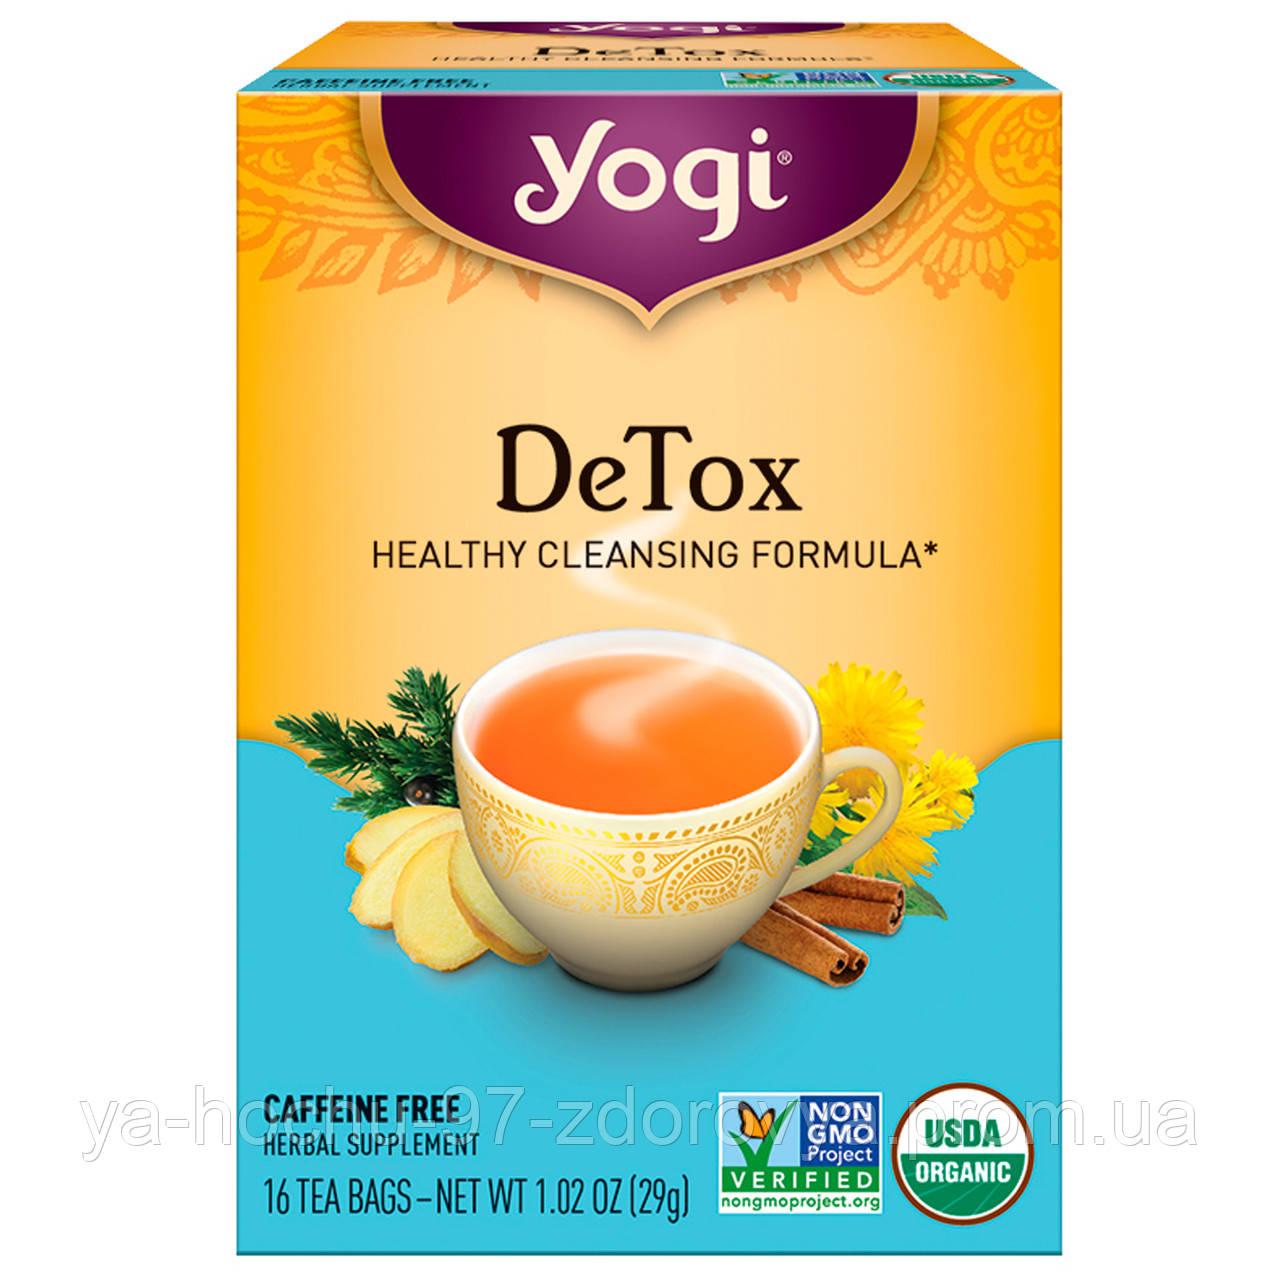 Ceai Detox Energy, 12 plicuri, Yogi Tea : Farmacia Tei online